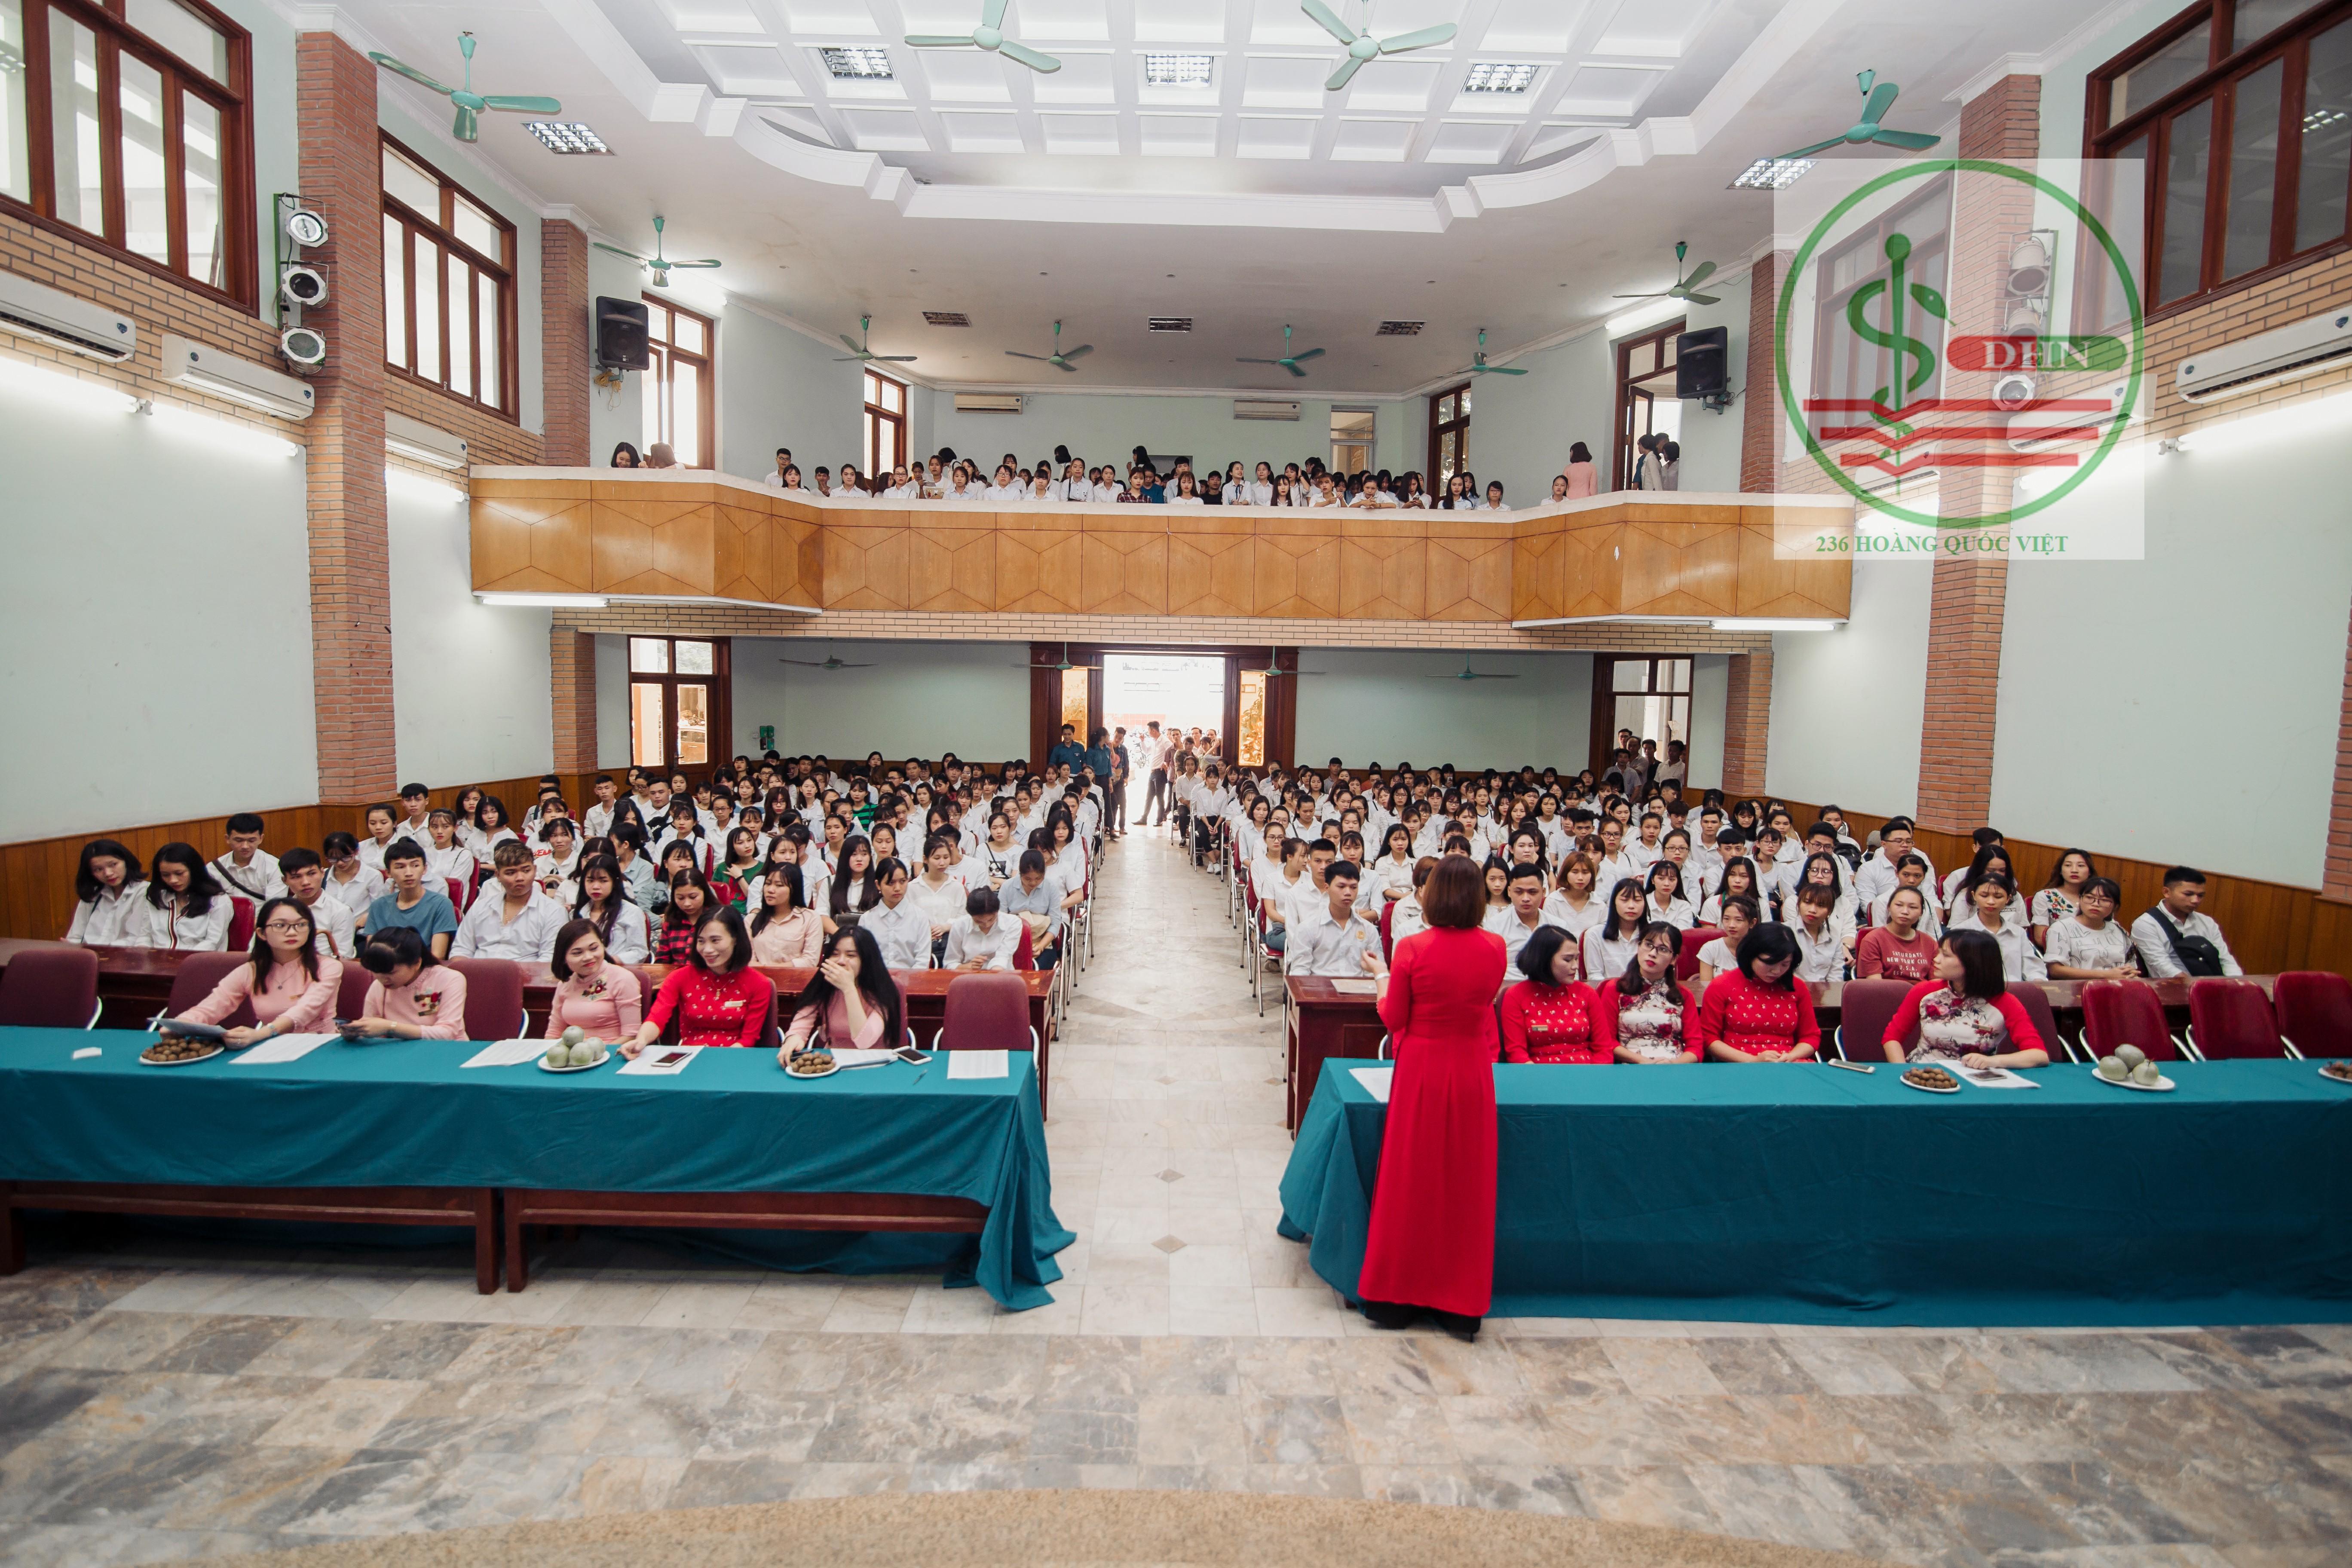 Lễ tập trung của sinh viên khóa mới